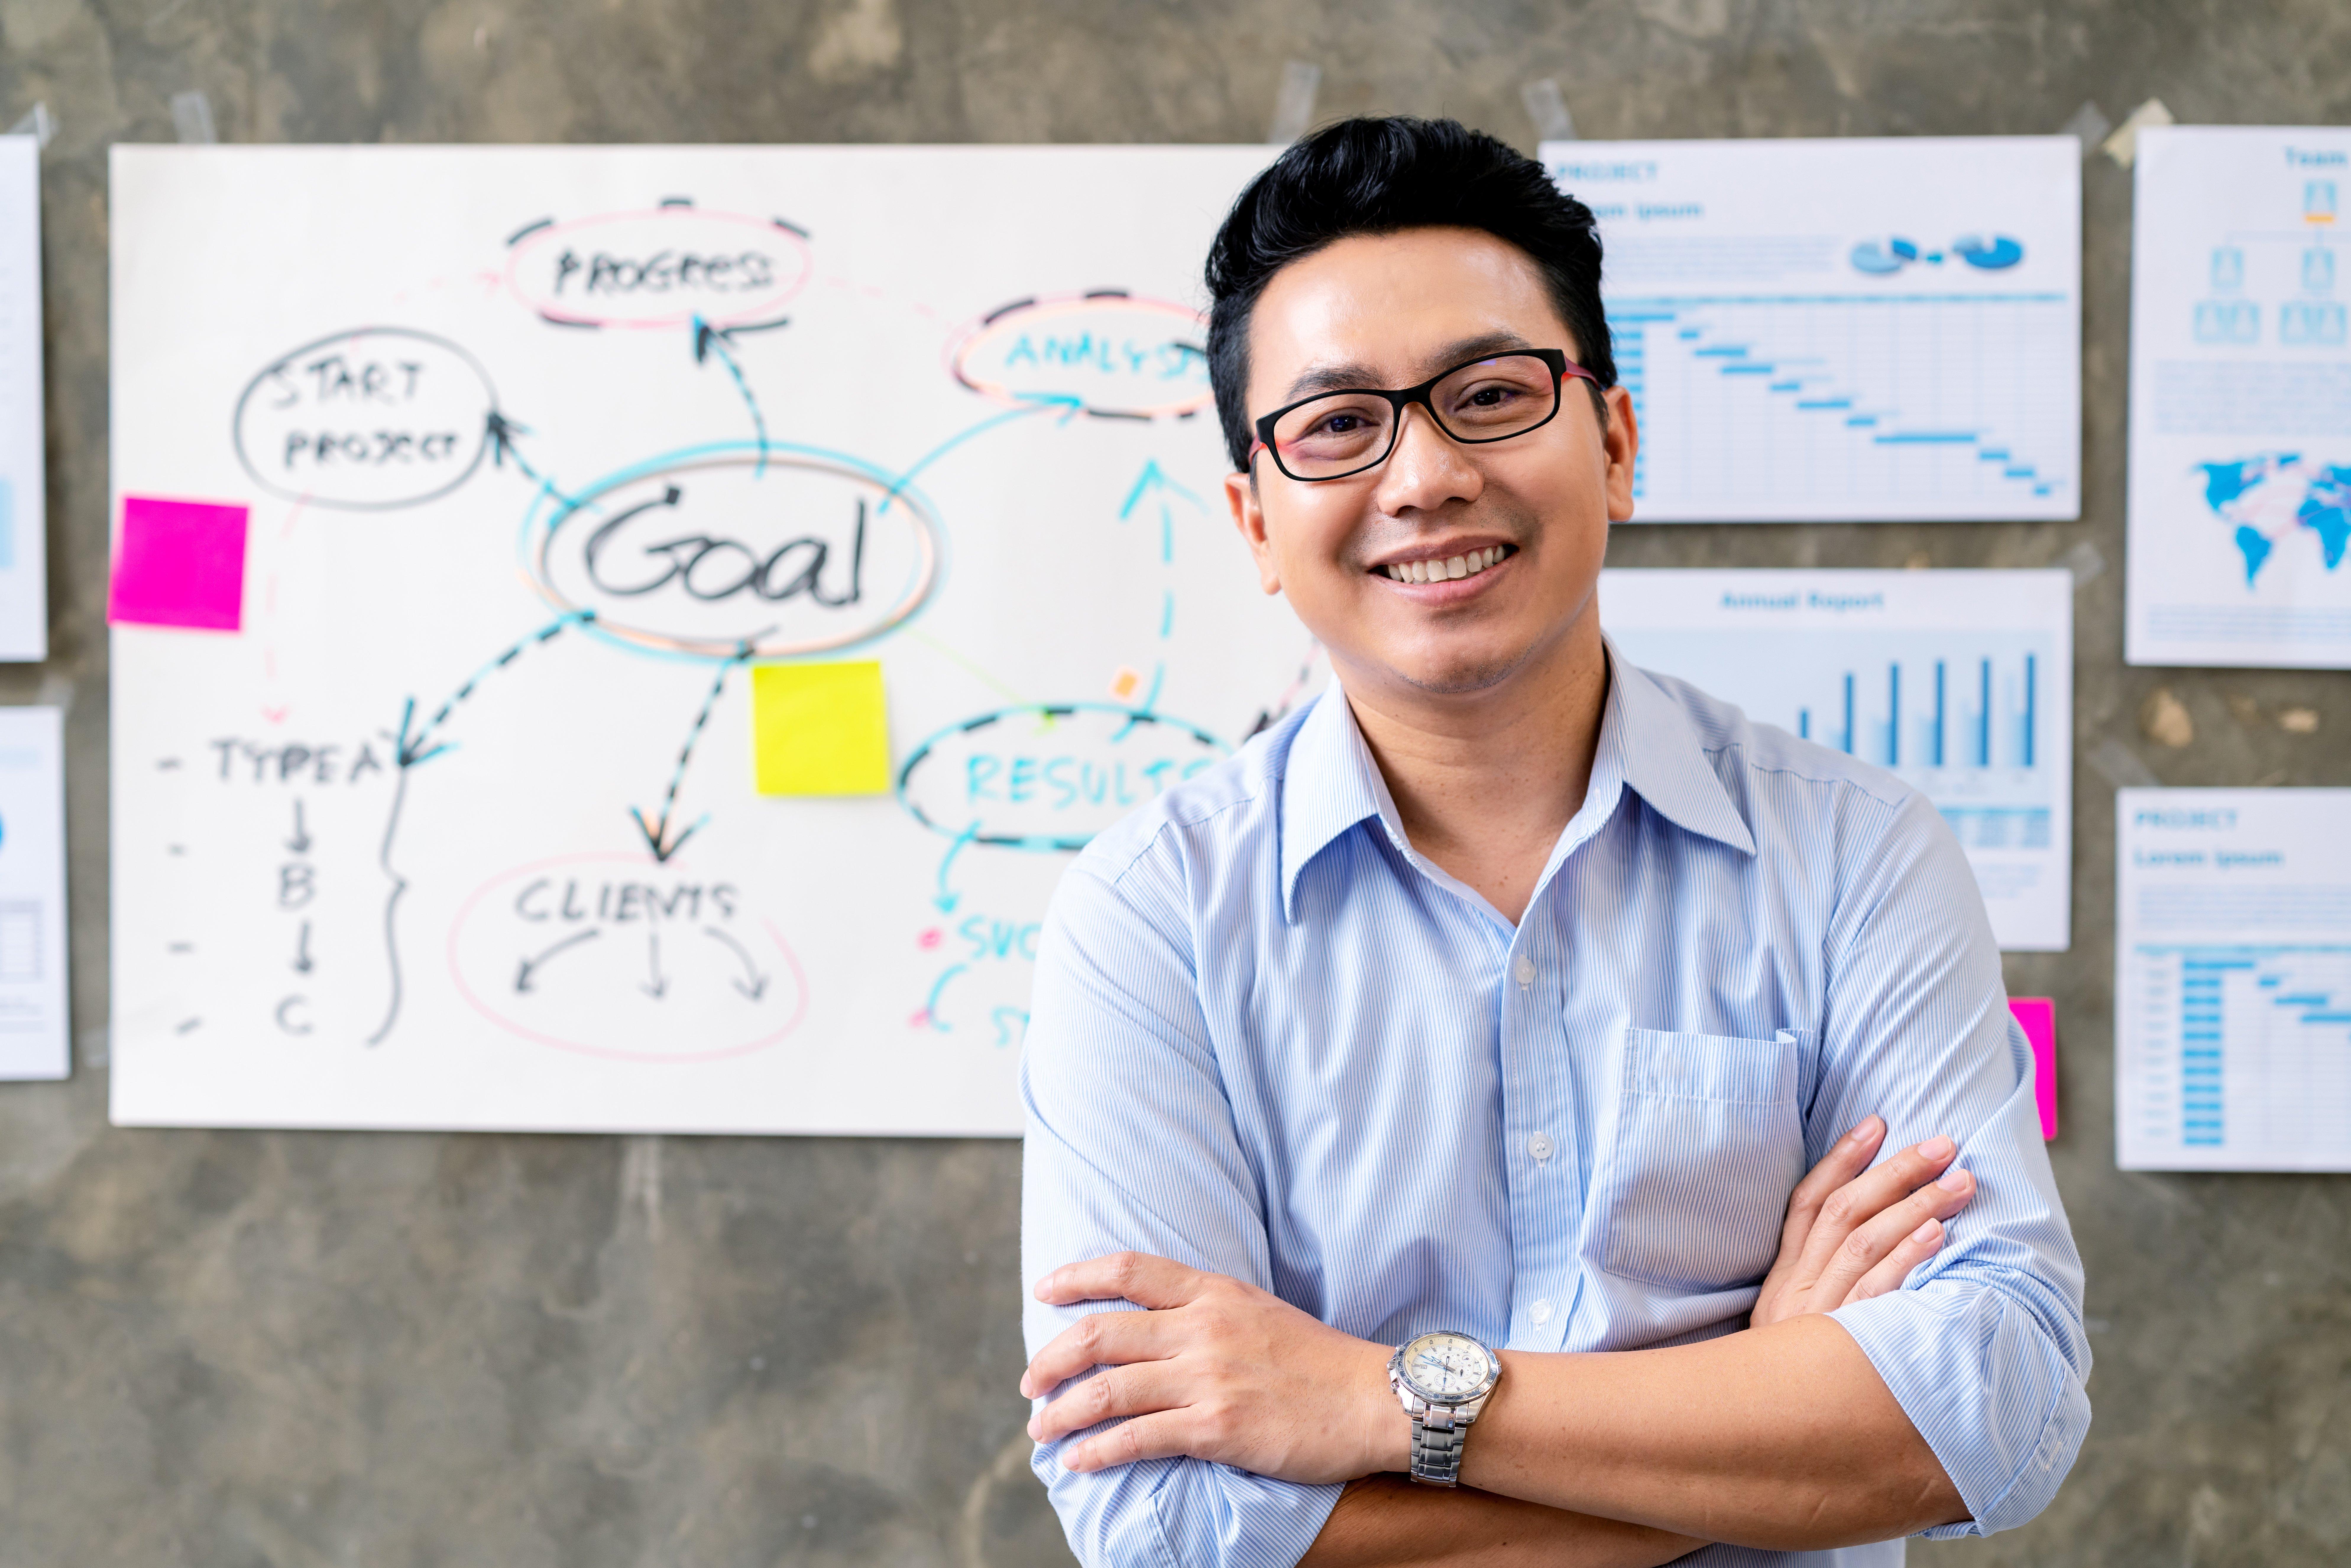 bigstock-Portrait-Of-Happy-Asian-Man-In-323904679